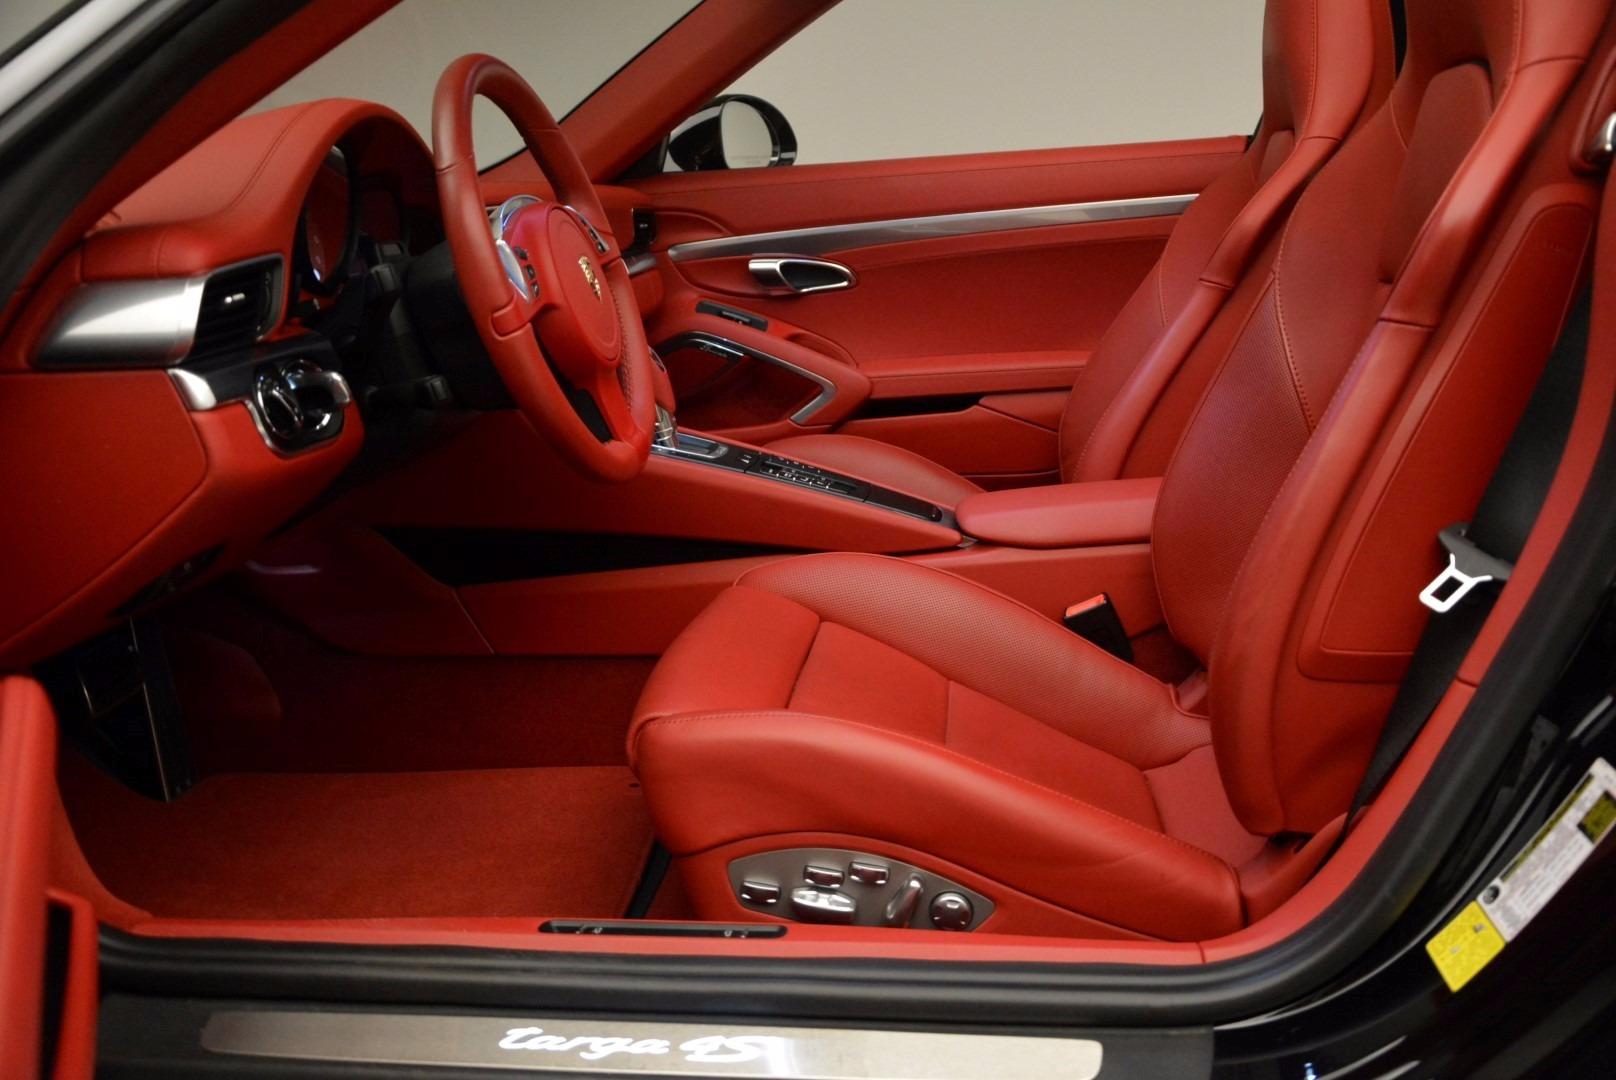 Used 2015 Porsche 911 Targa 4S For Sale In Westport, CT 1476_p22